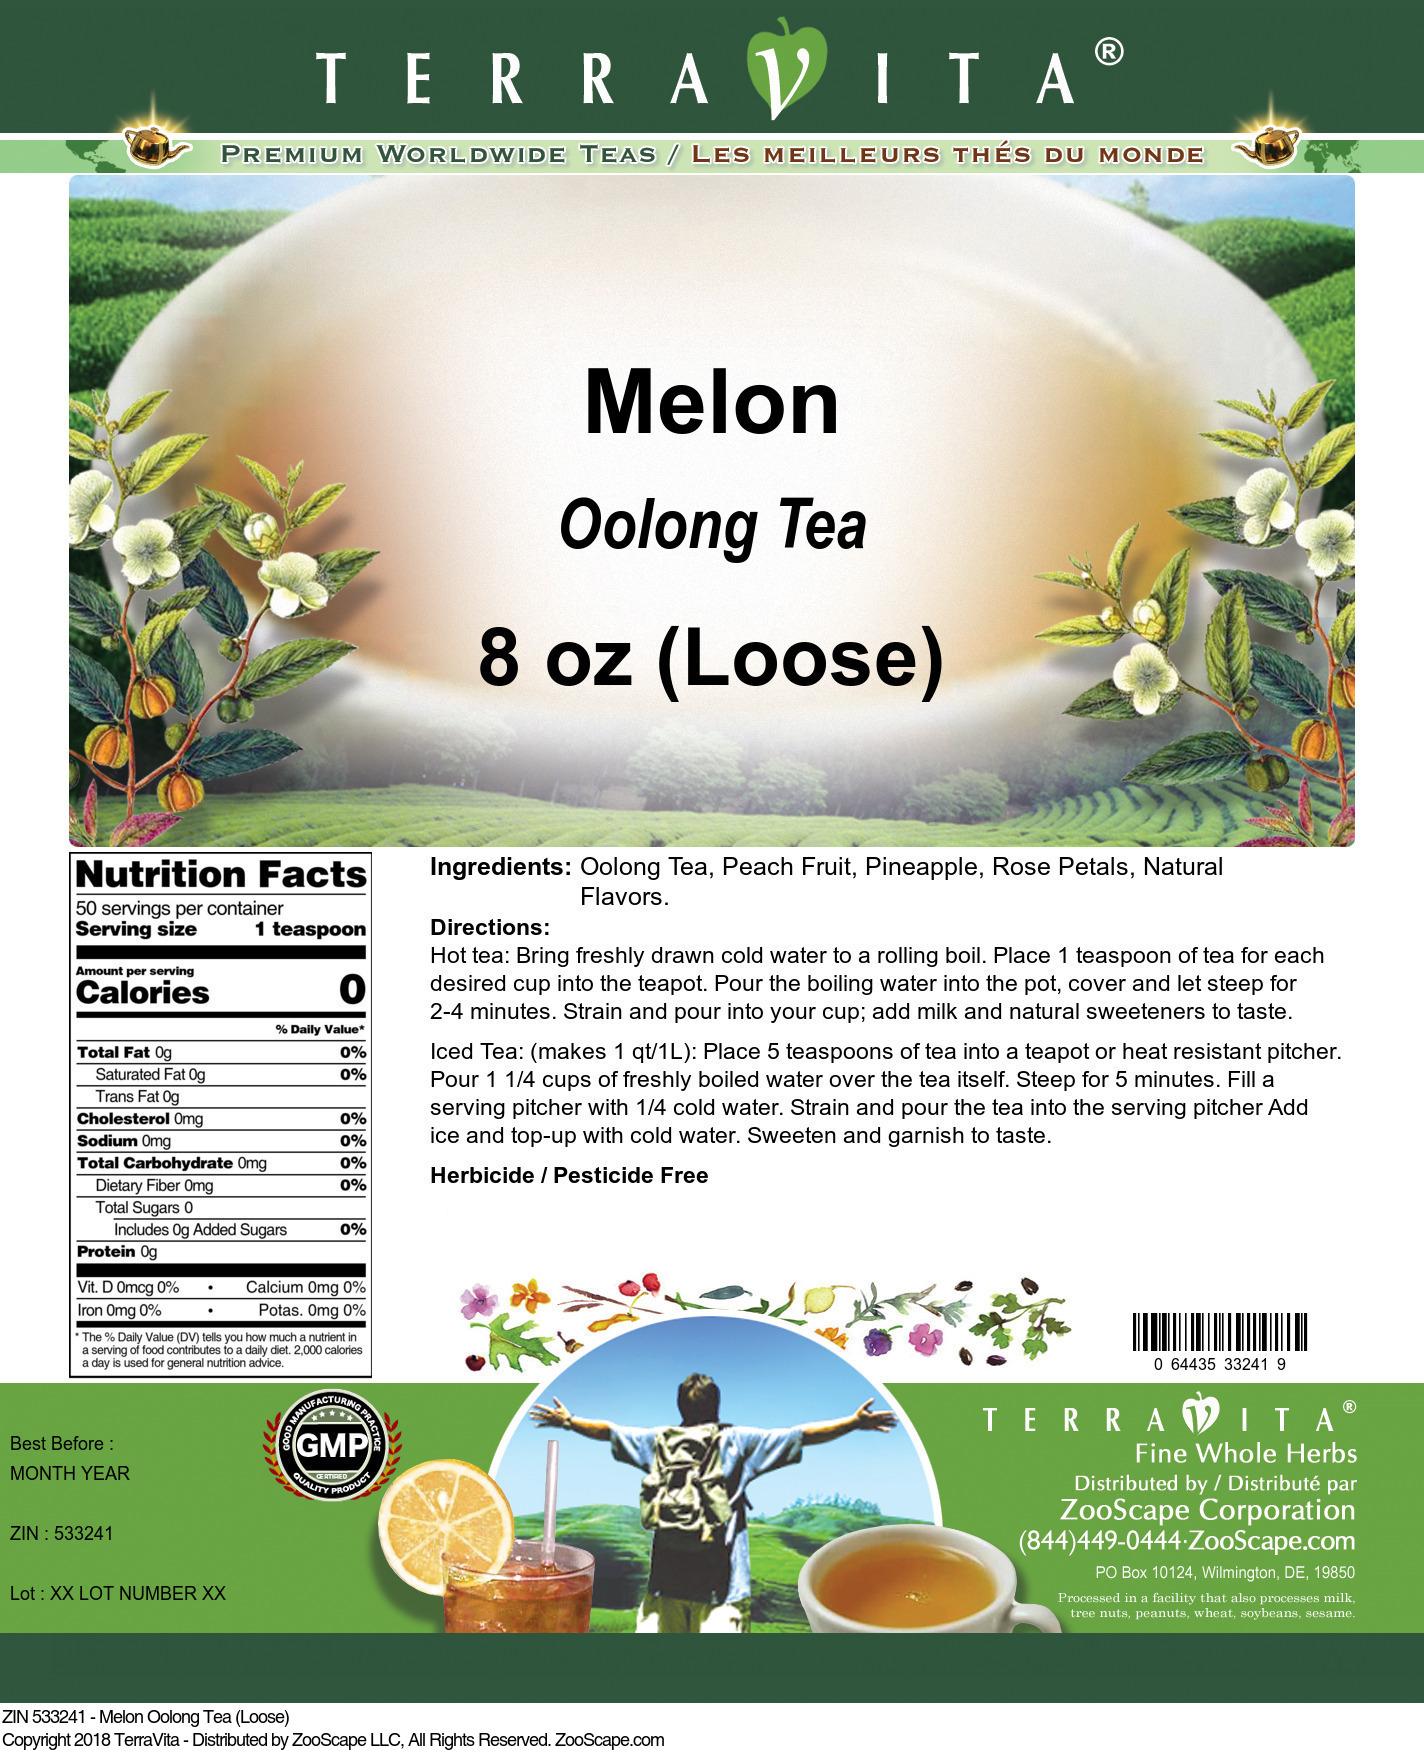 Melon Oolong Tea